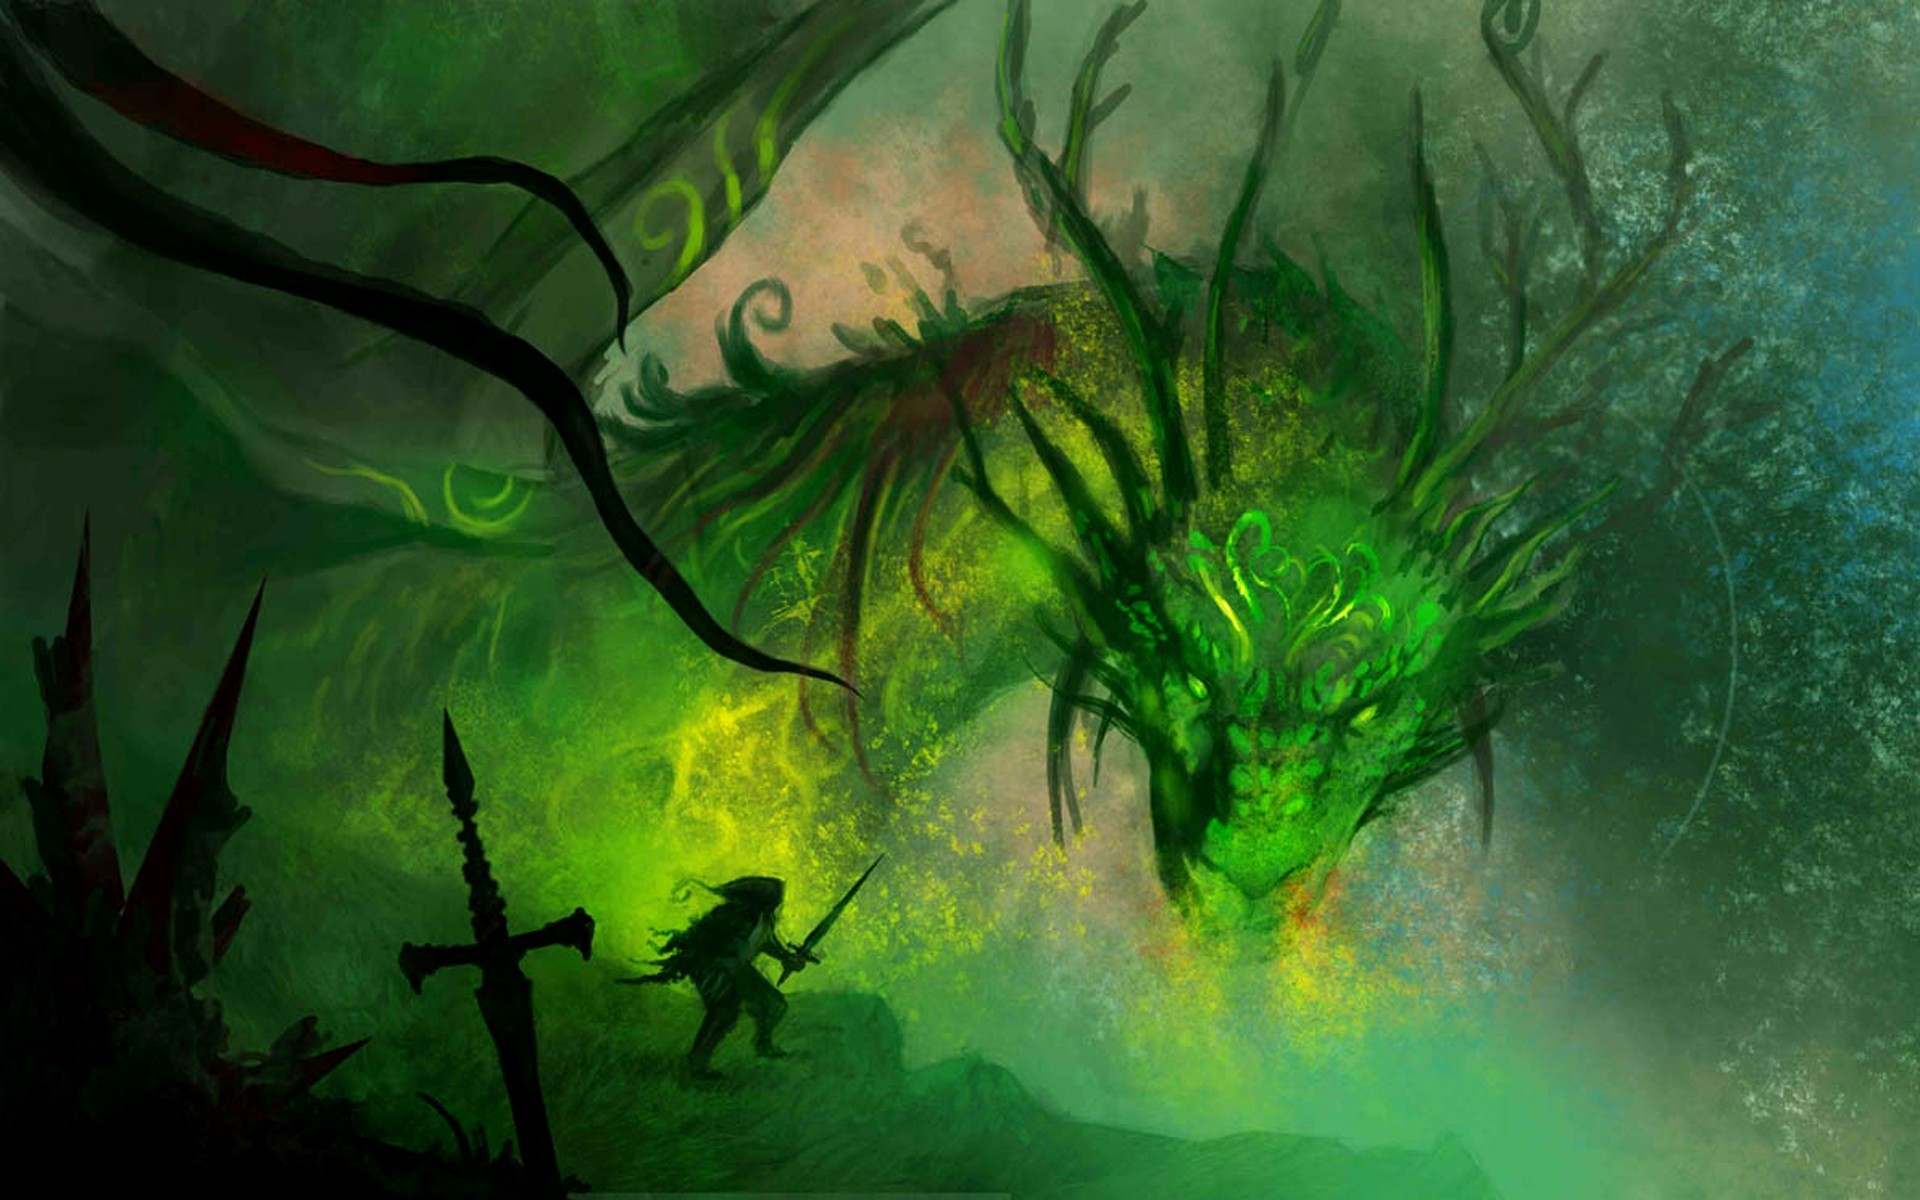 Dragons Fantasy Wallpaper Dragons, Fantasy, Art